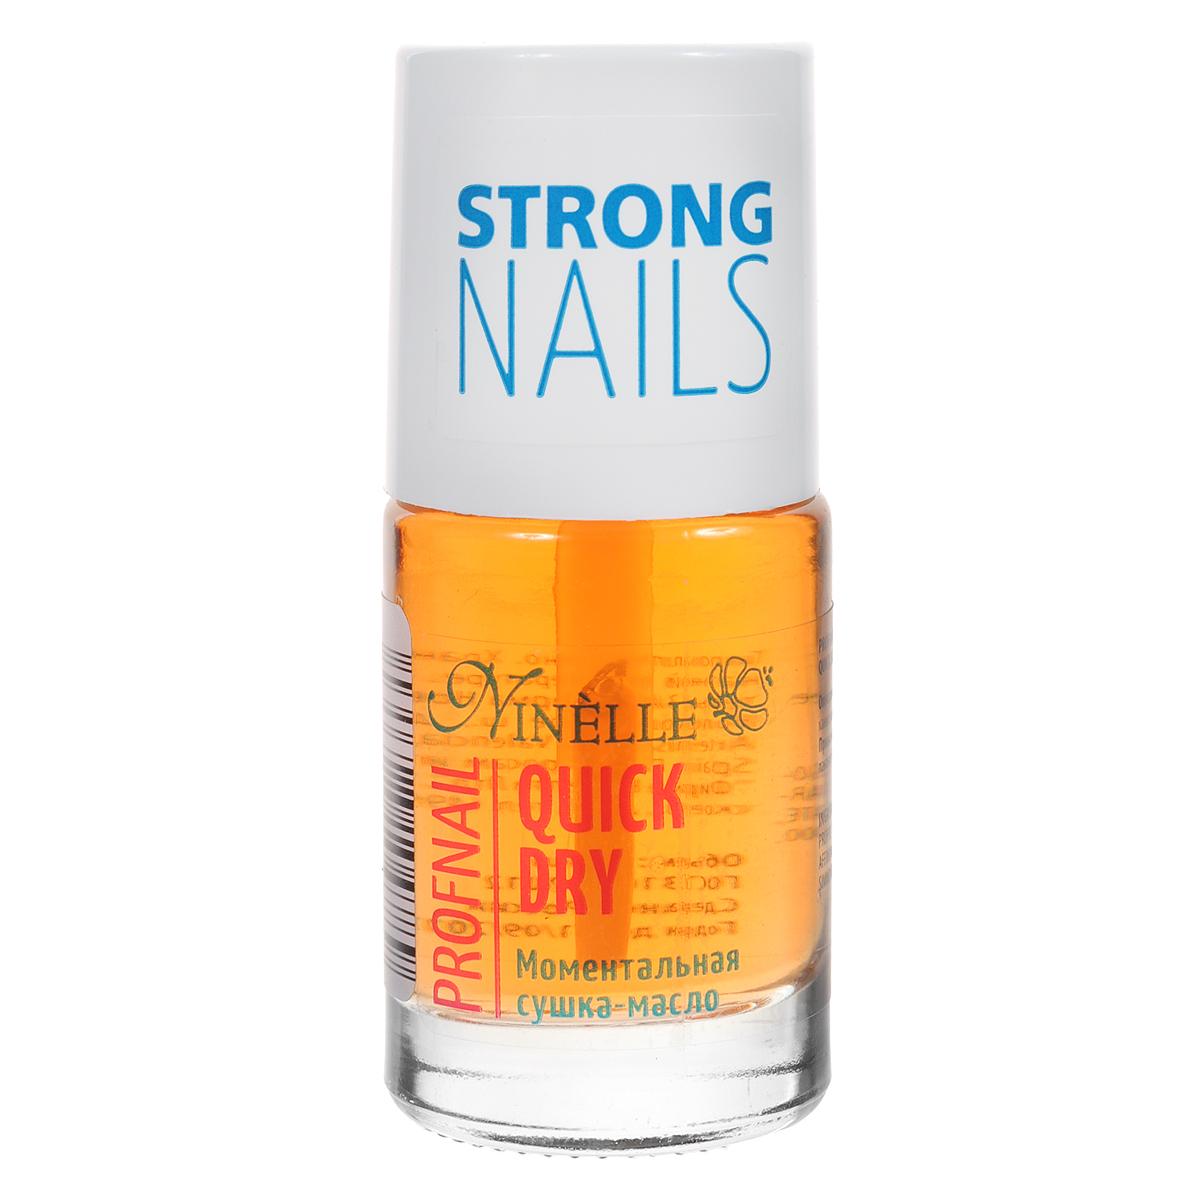 Ninelle Моментальная сушка-масло Quick Dry, 11 мл28032022Жидкое масло с эффектом быстрой сушки моментально сушит свежий маникюр, предотвращая потрескивание и смазывание лака. Антиоксиданты, богатые маслами и витаминами, обеспечивают дополнительную защиту и уход, масло жожожба обеспечивает глубокое увлажнение и питание кутикулы. Товар сертифицирован.